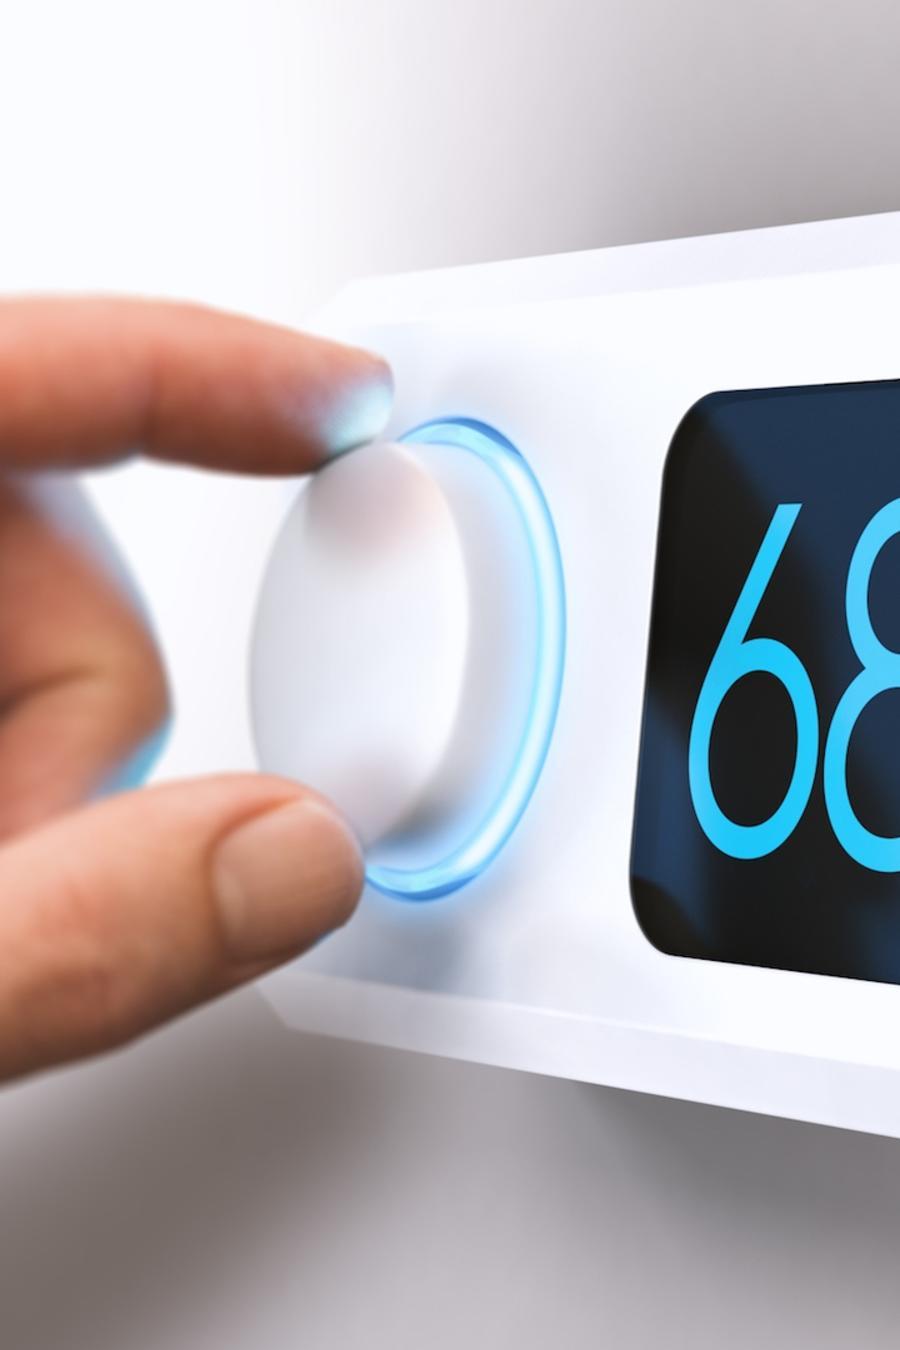 Mano ajustando termostato inteligente